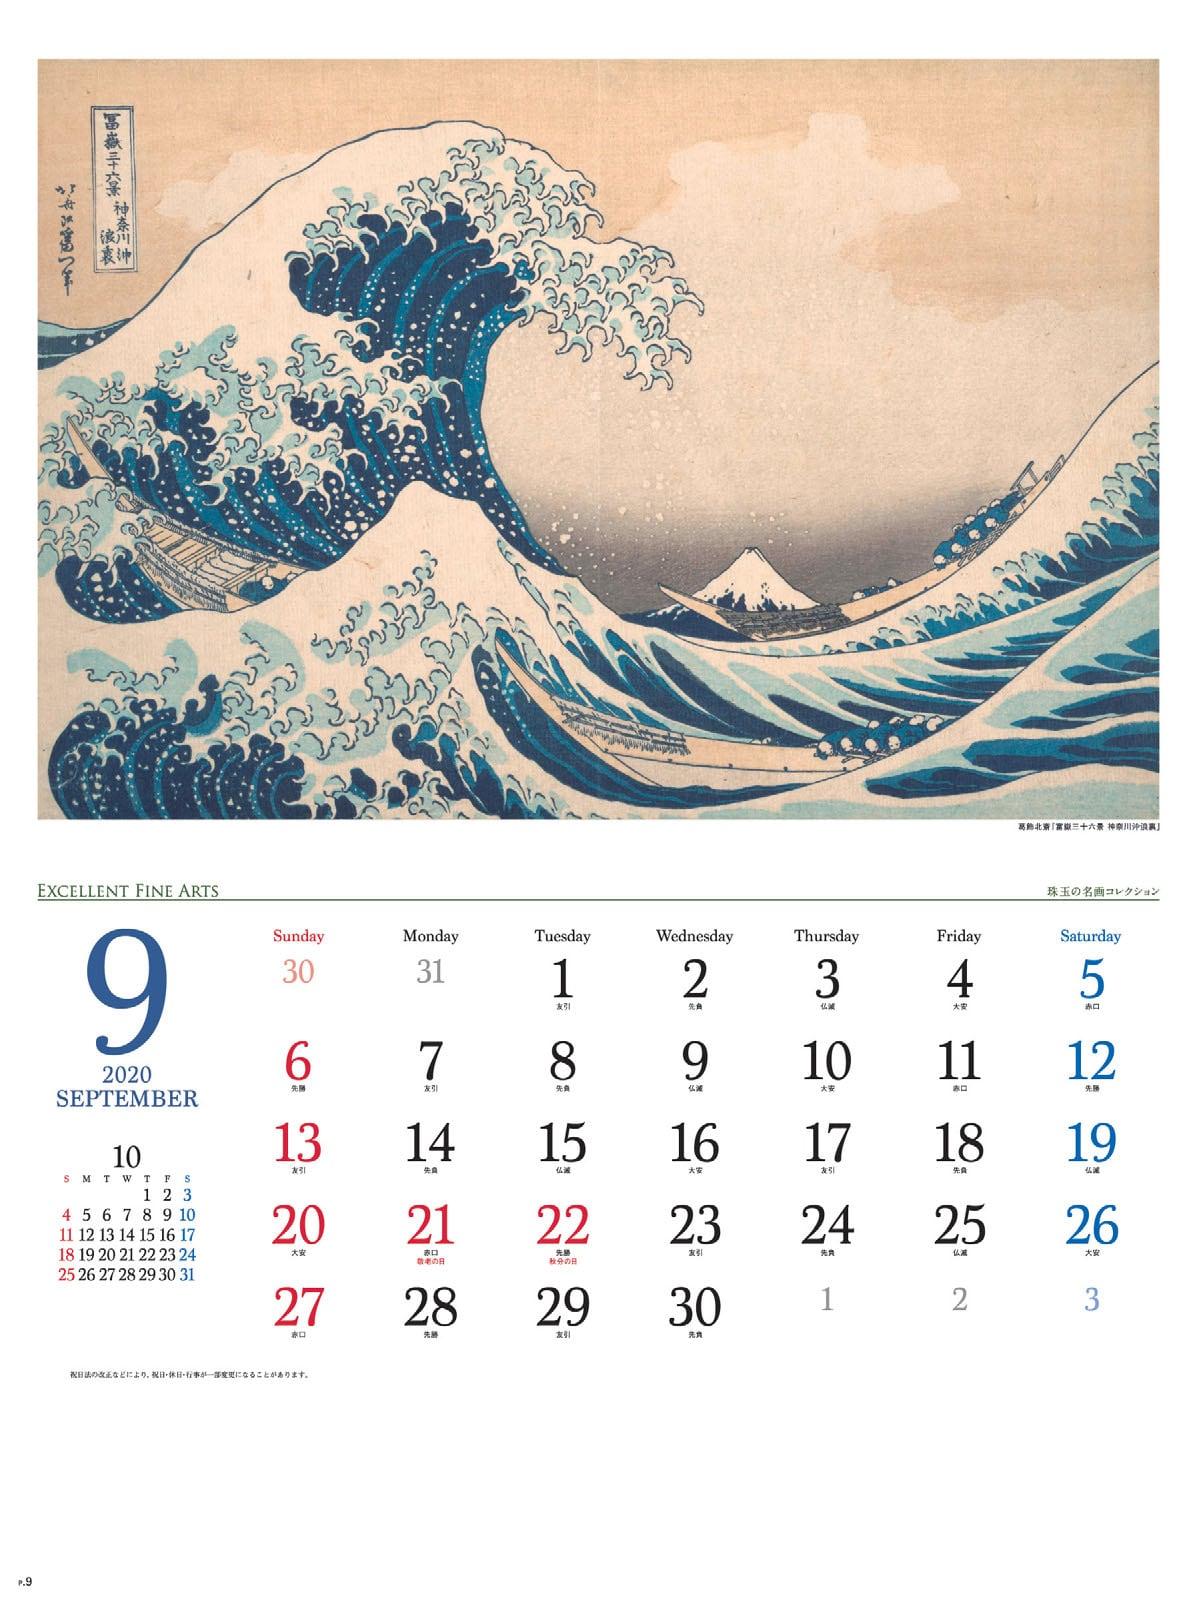 画像:葛飾北斎 珠玉の名画コレクション 2020年カレンダー